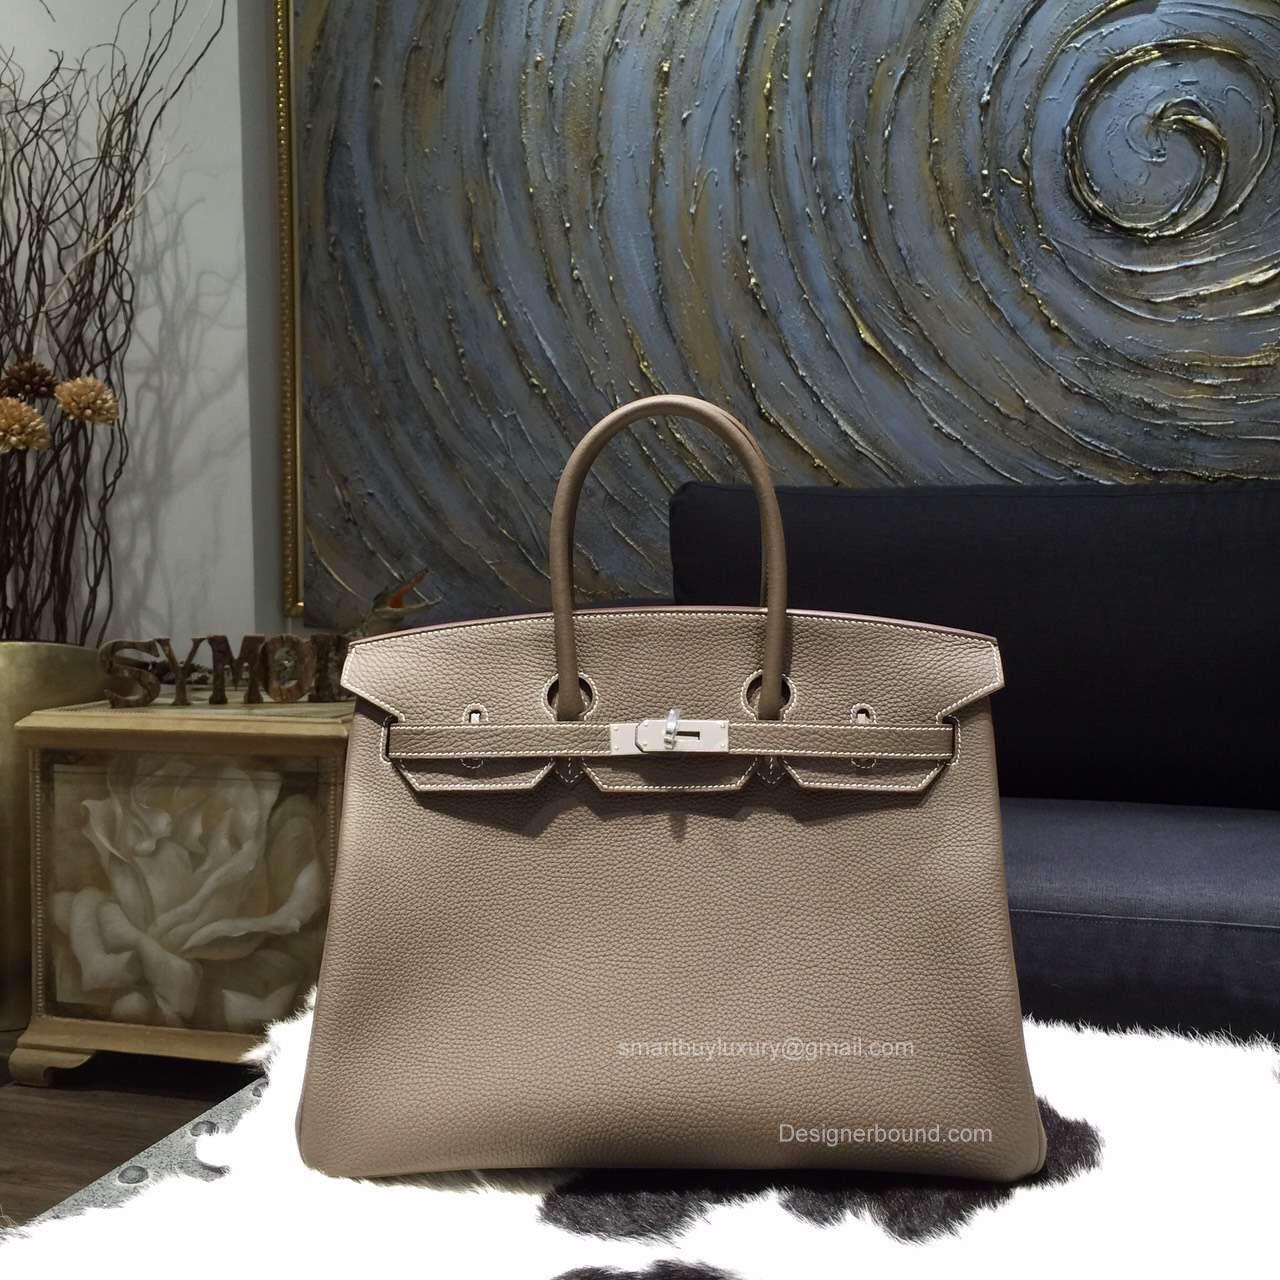 ebcecec073 Hermes Birkin 35 cm Togo Bag Etoupe CK18 Handstitched Silver Hw -